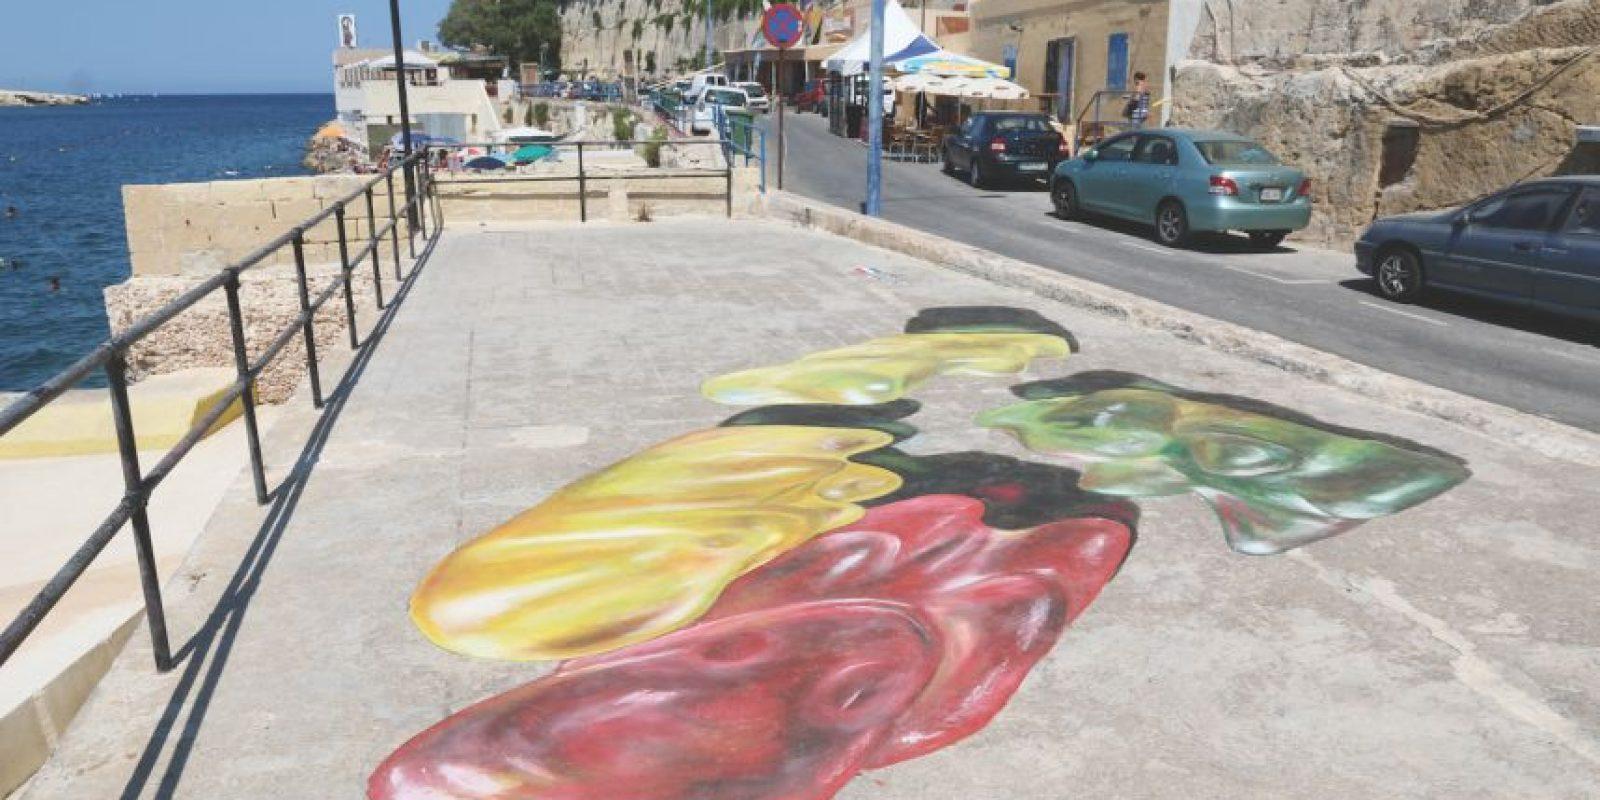 El artista Leon Keer disfruta crear arte anacrónico. Foto:Vía Streetpainting3D.com